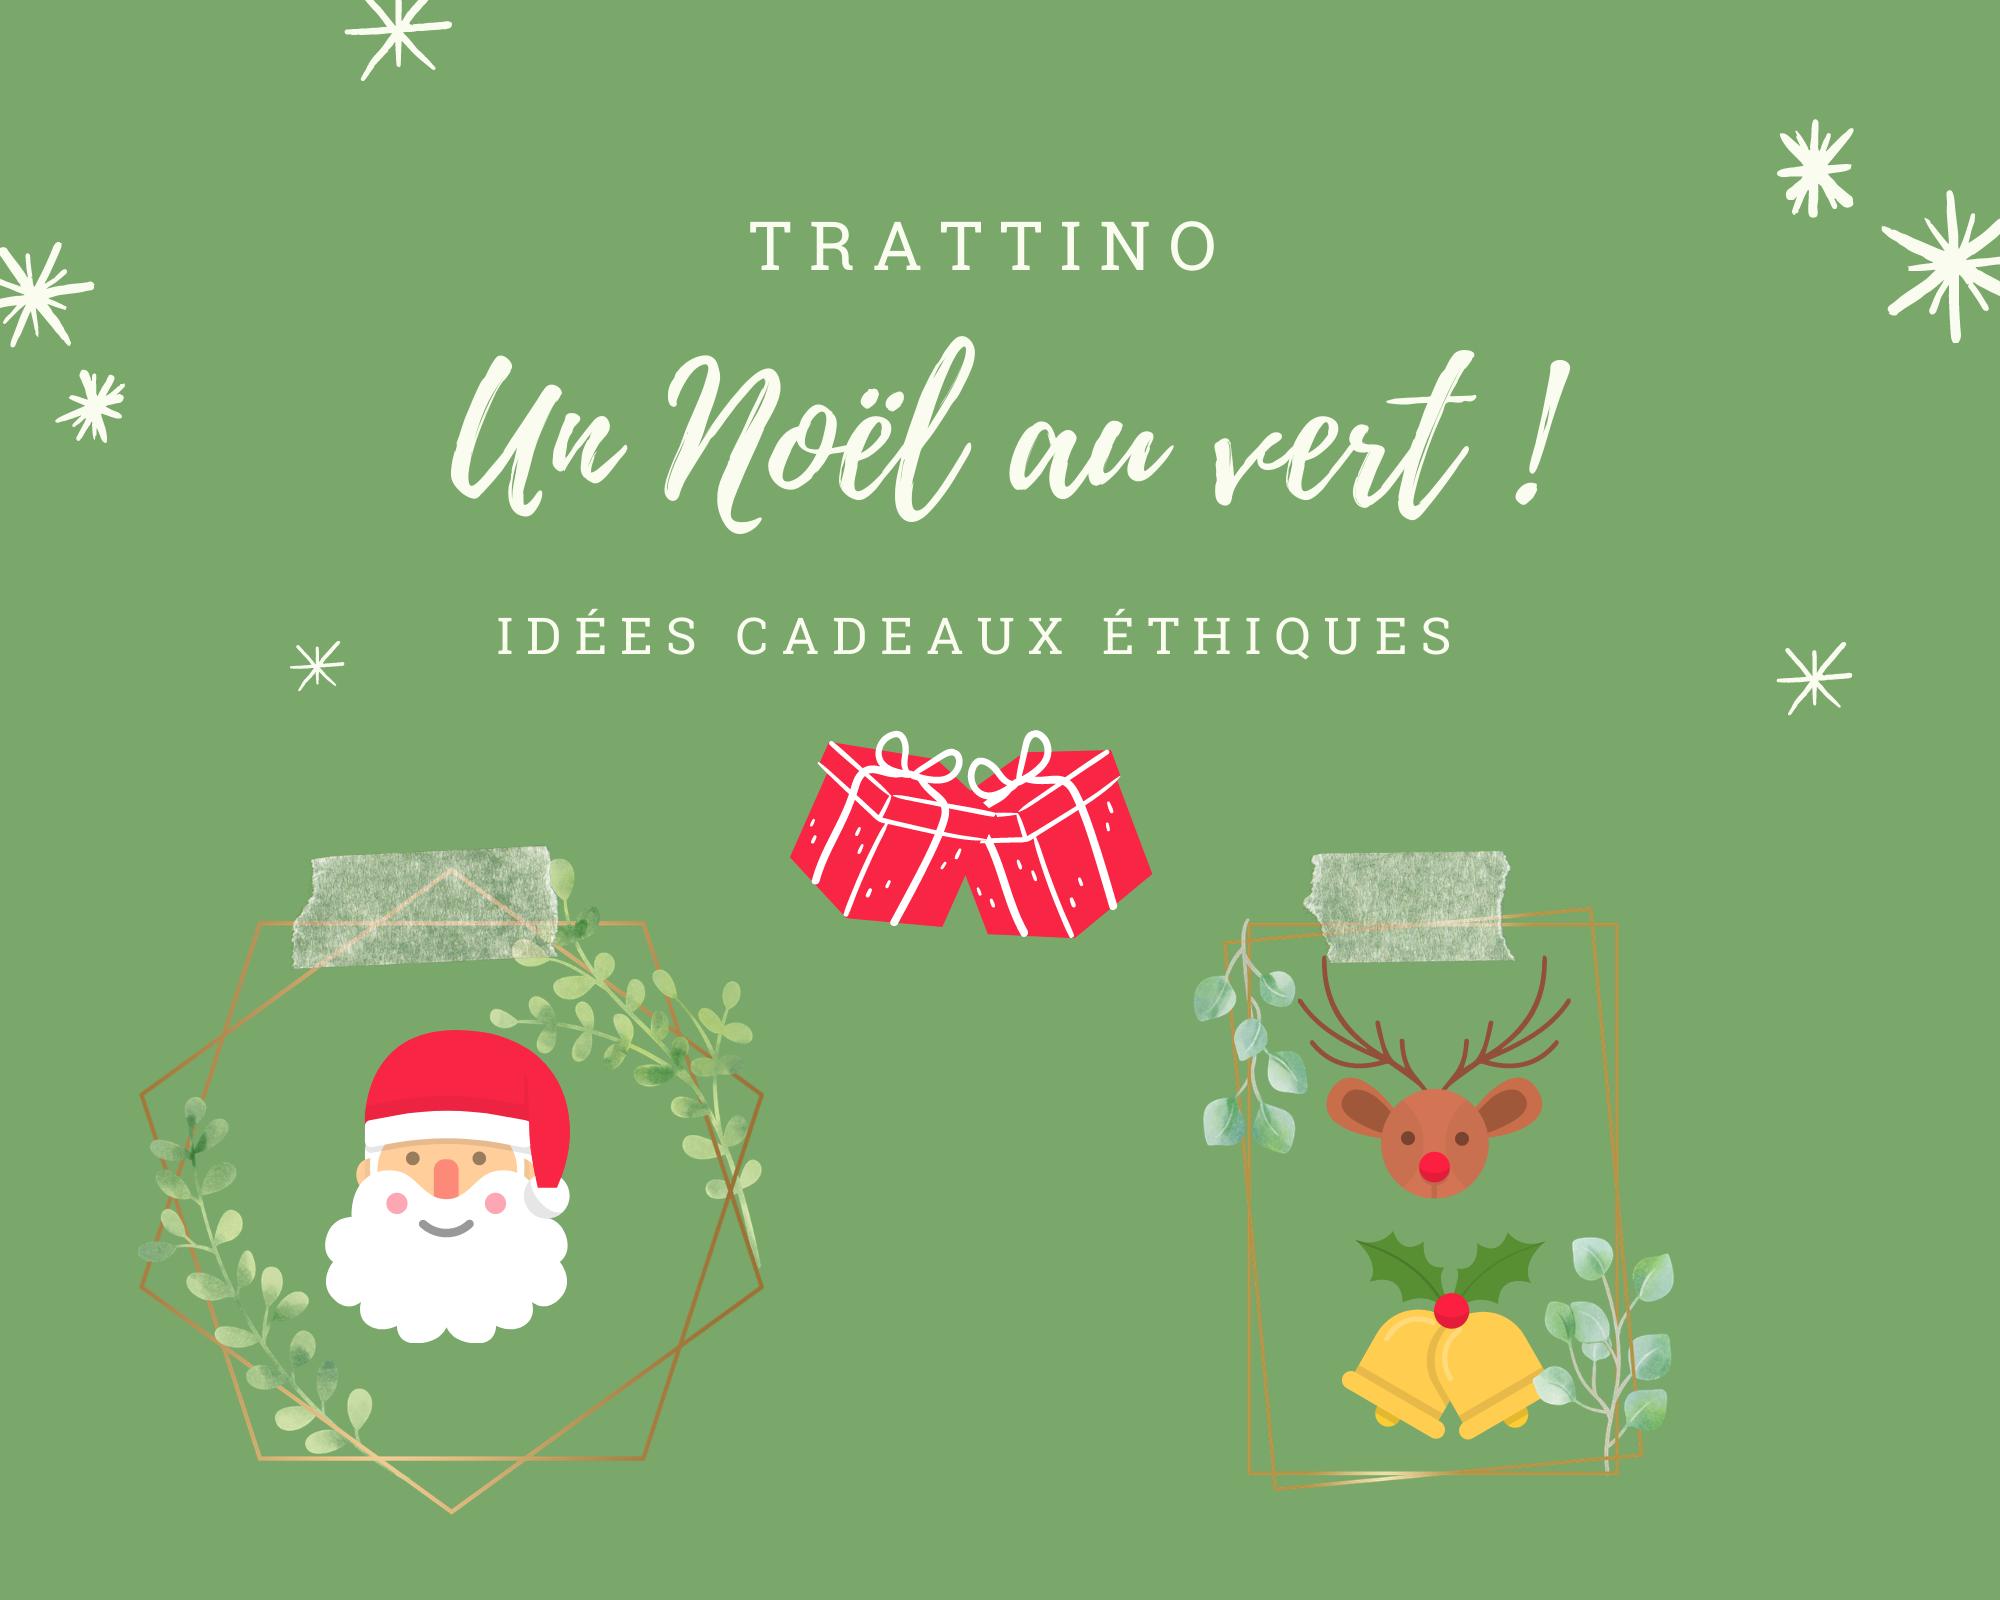 Idées de cadeaux éthiques pour un Noël au vert